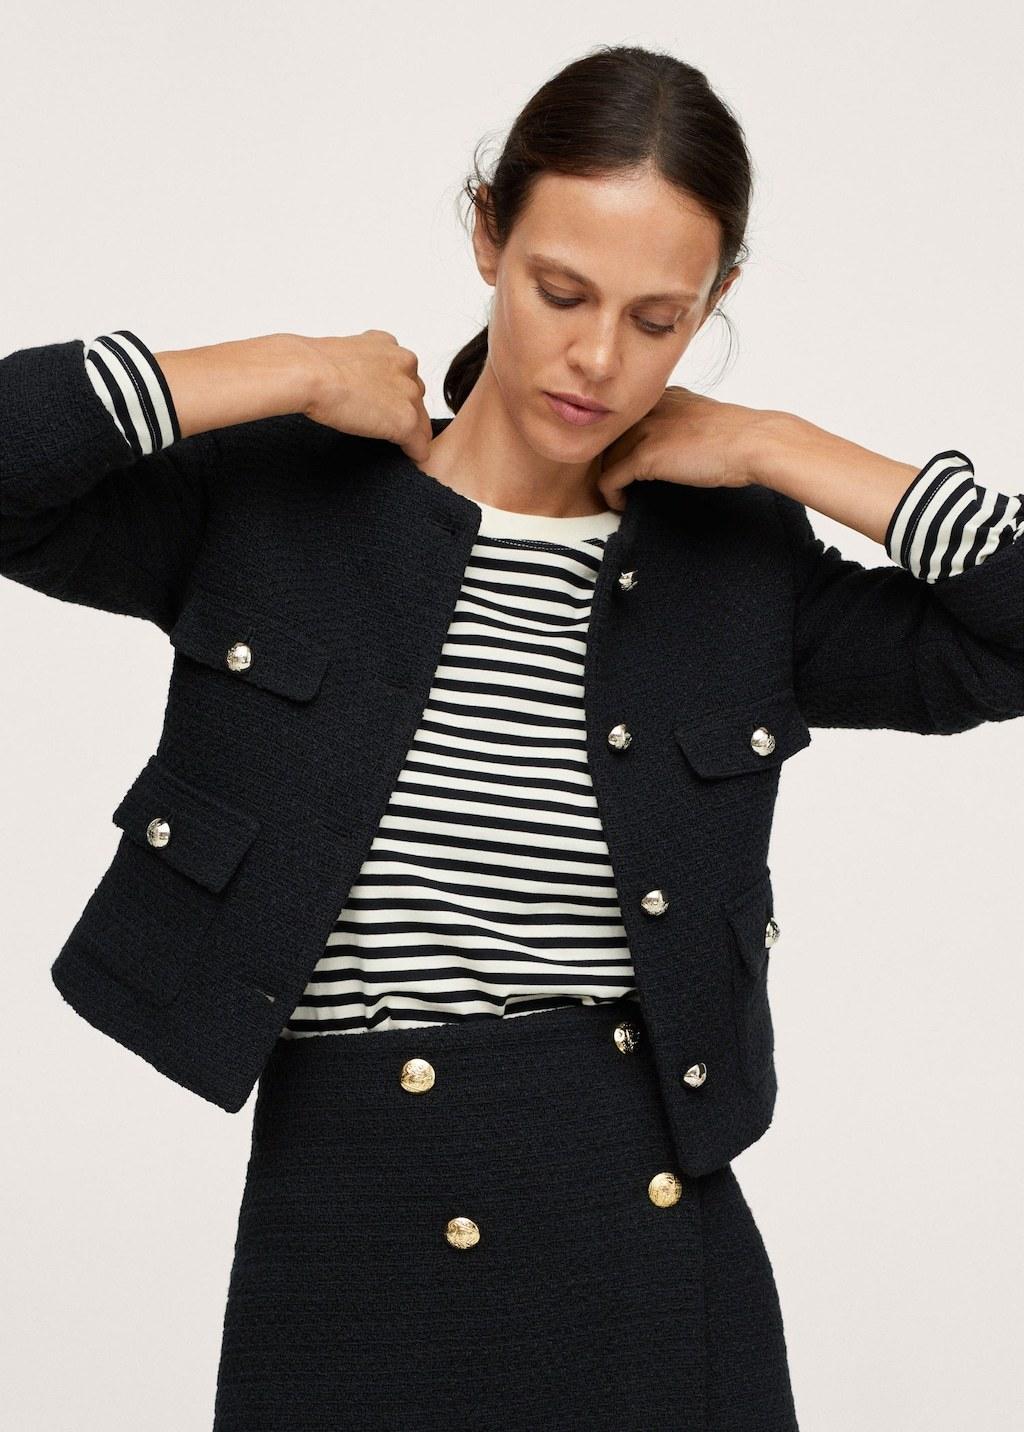 Chaqueta de tweed y camiseta de rayas, dos básicos del chic francés que se han convertido en universales